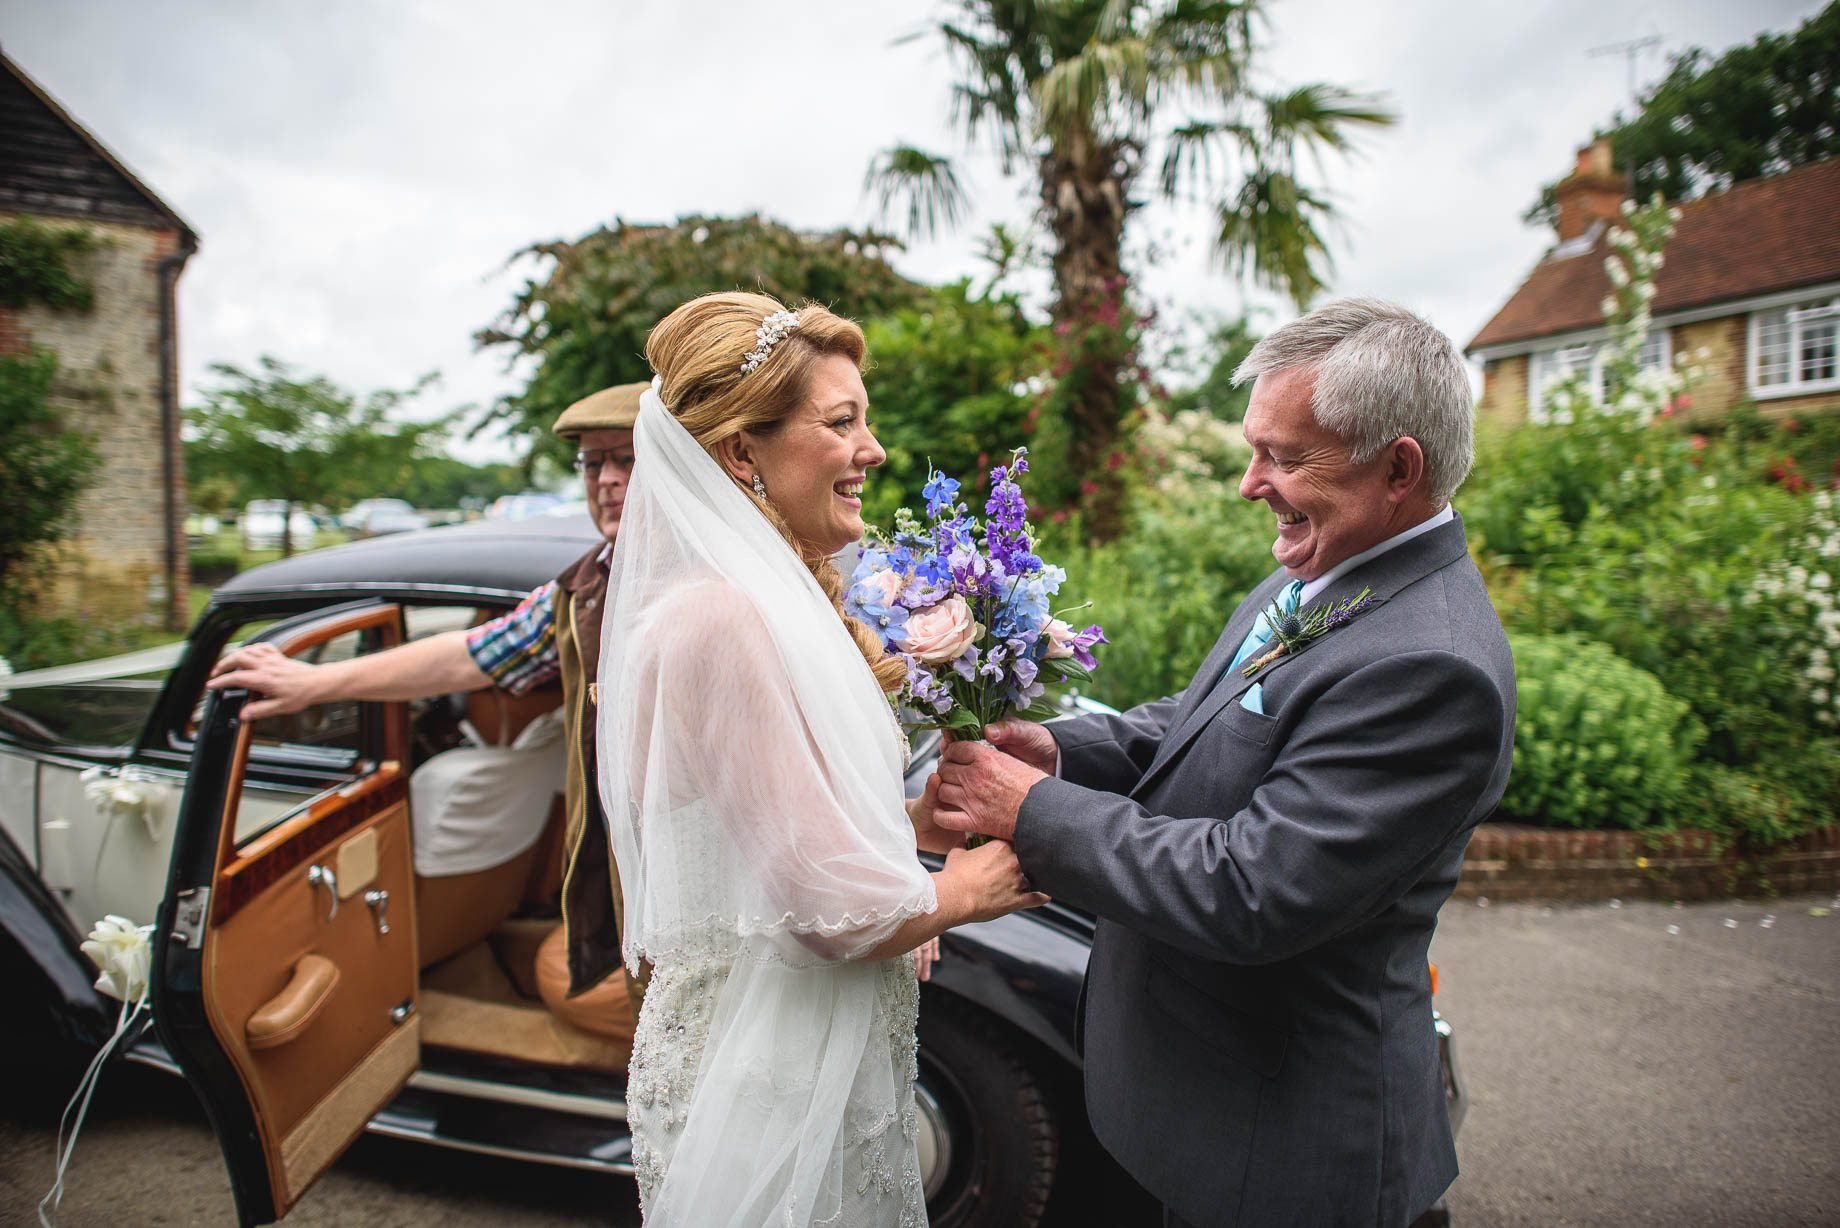 Bartholomew Barns wedding photography - Louise and Spencer (31 of 151)